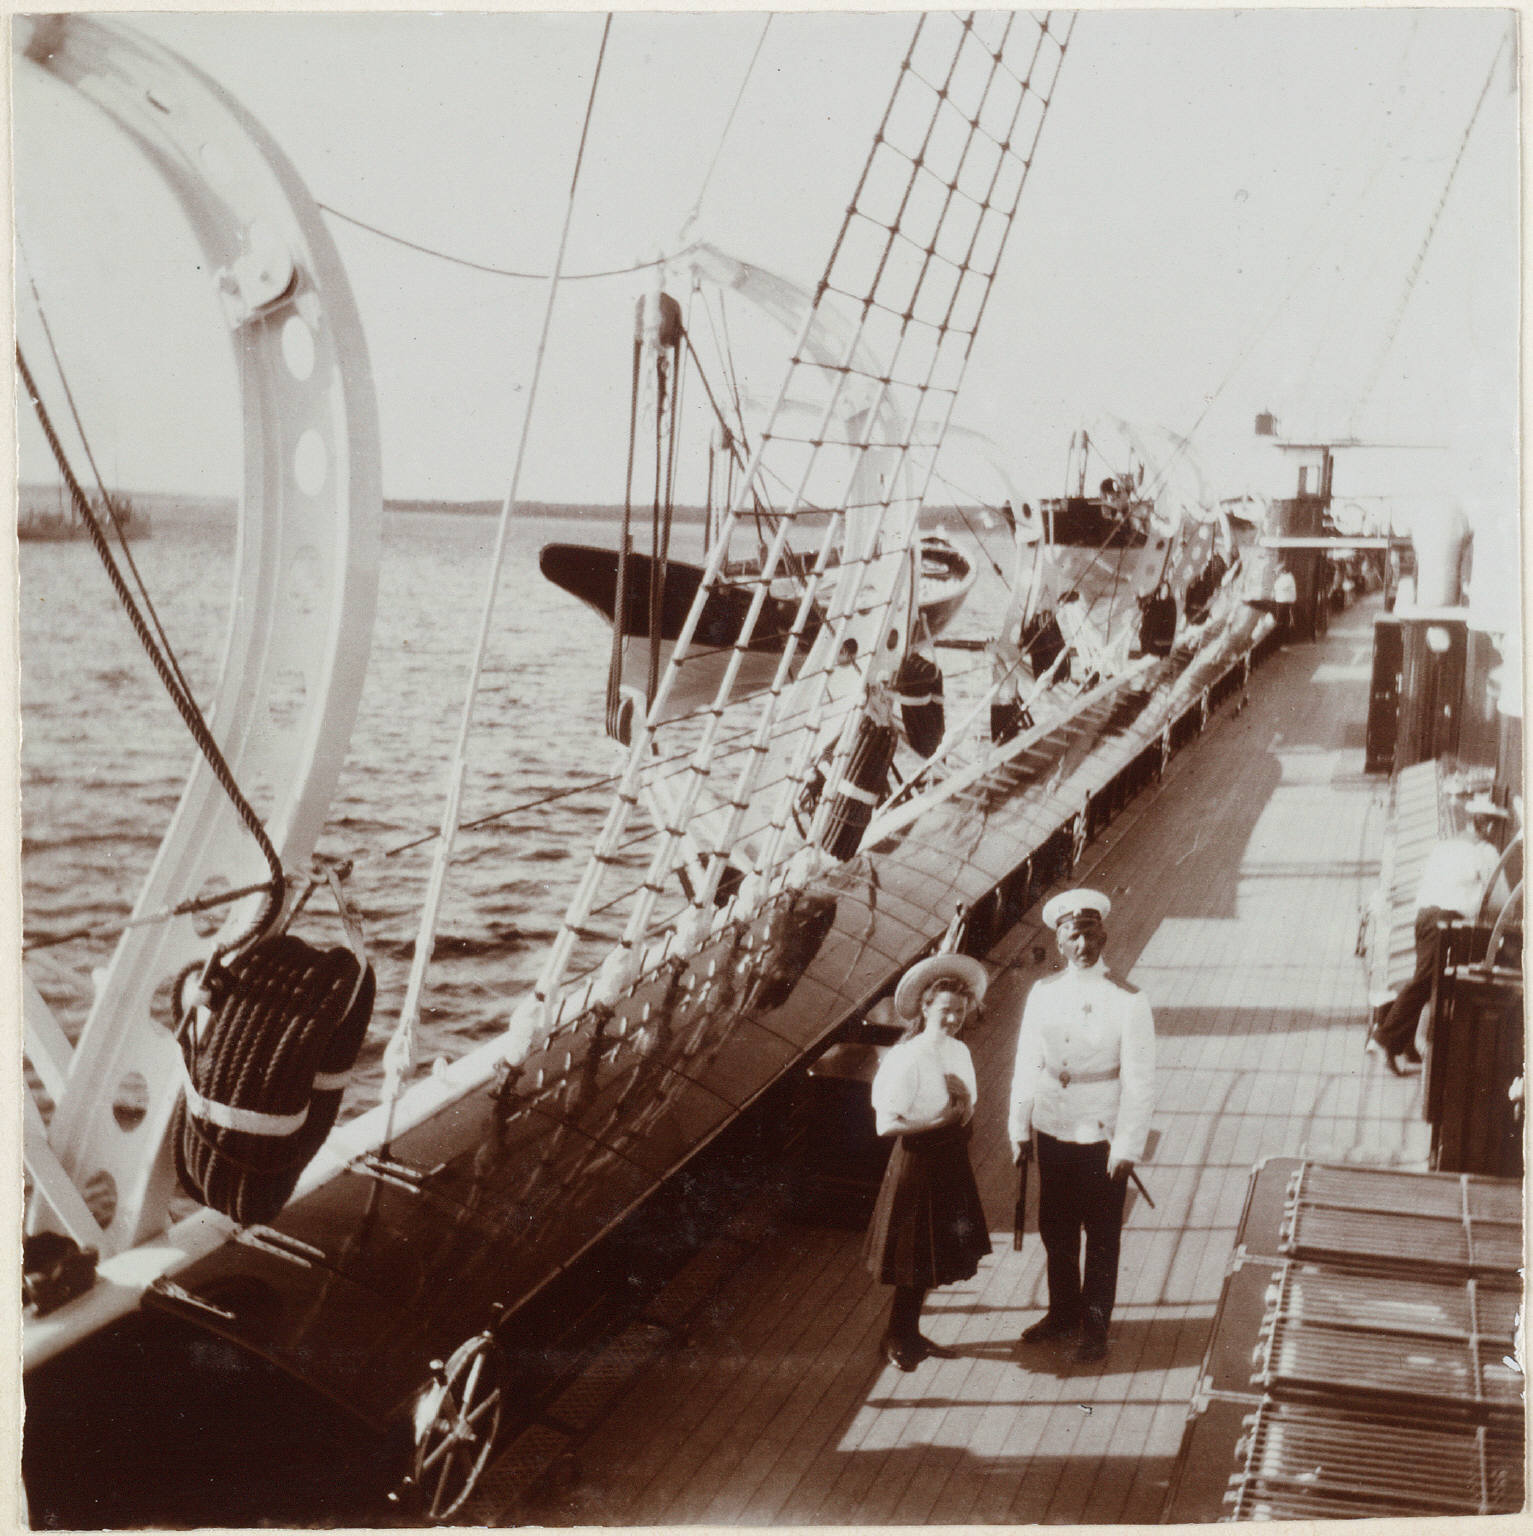 нашем интернет-магазине императорская яхта штандарт фото исключено